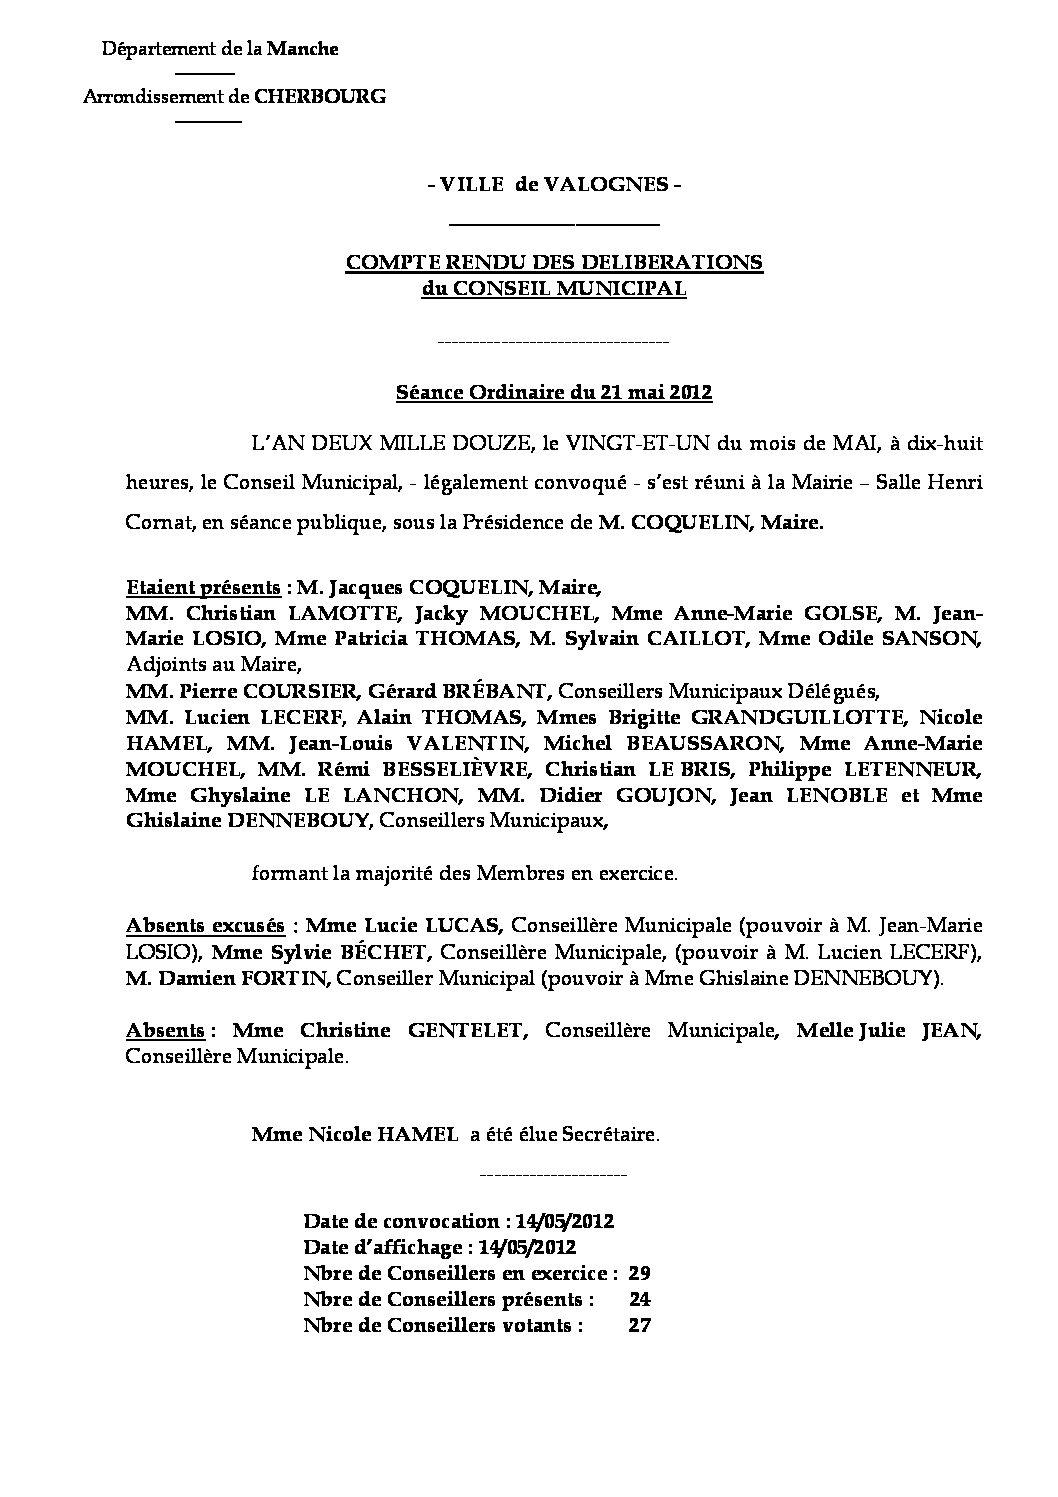 Extrait du registre des délibérations du 21-05-2012 - Compte rendu des questions soumises à délibération lors de la réunion du Conseil Municipal du lundi 21 mai 2012.